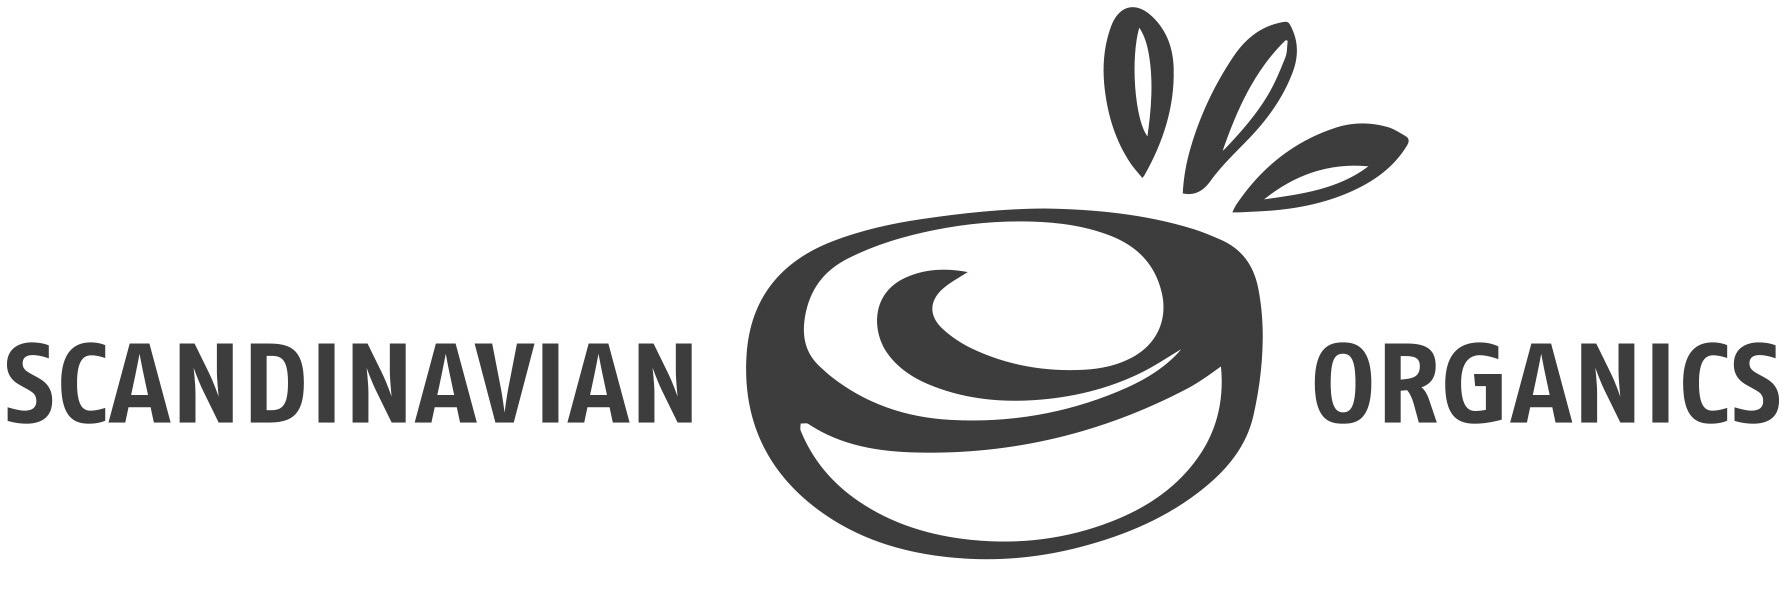 ScanOrgan_logo_2016